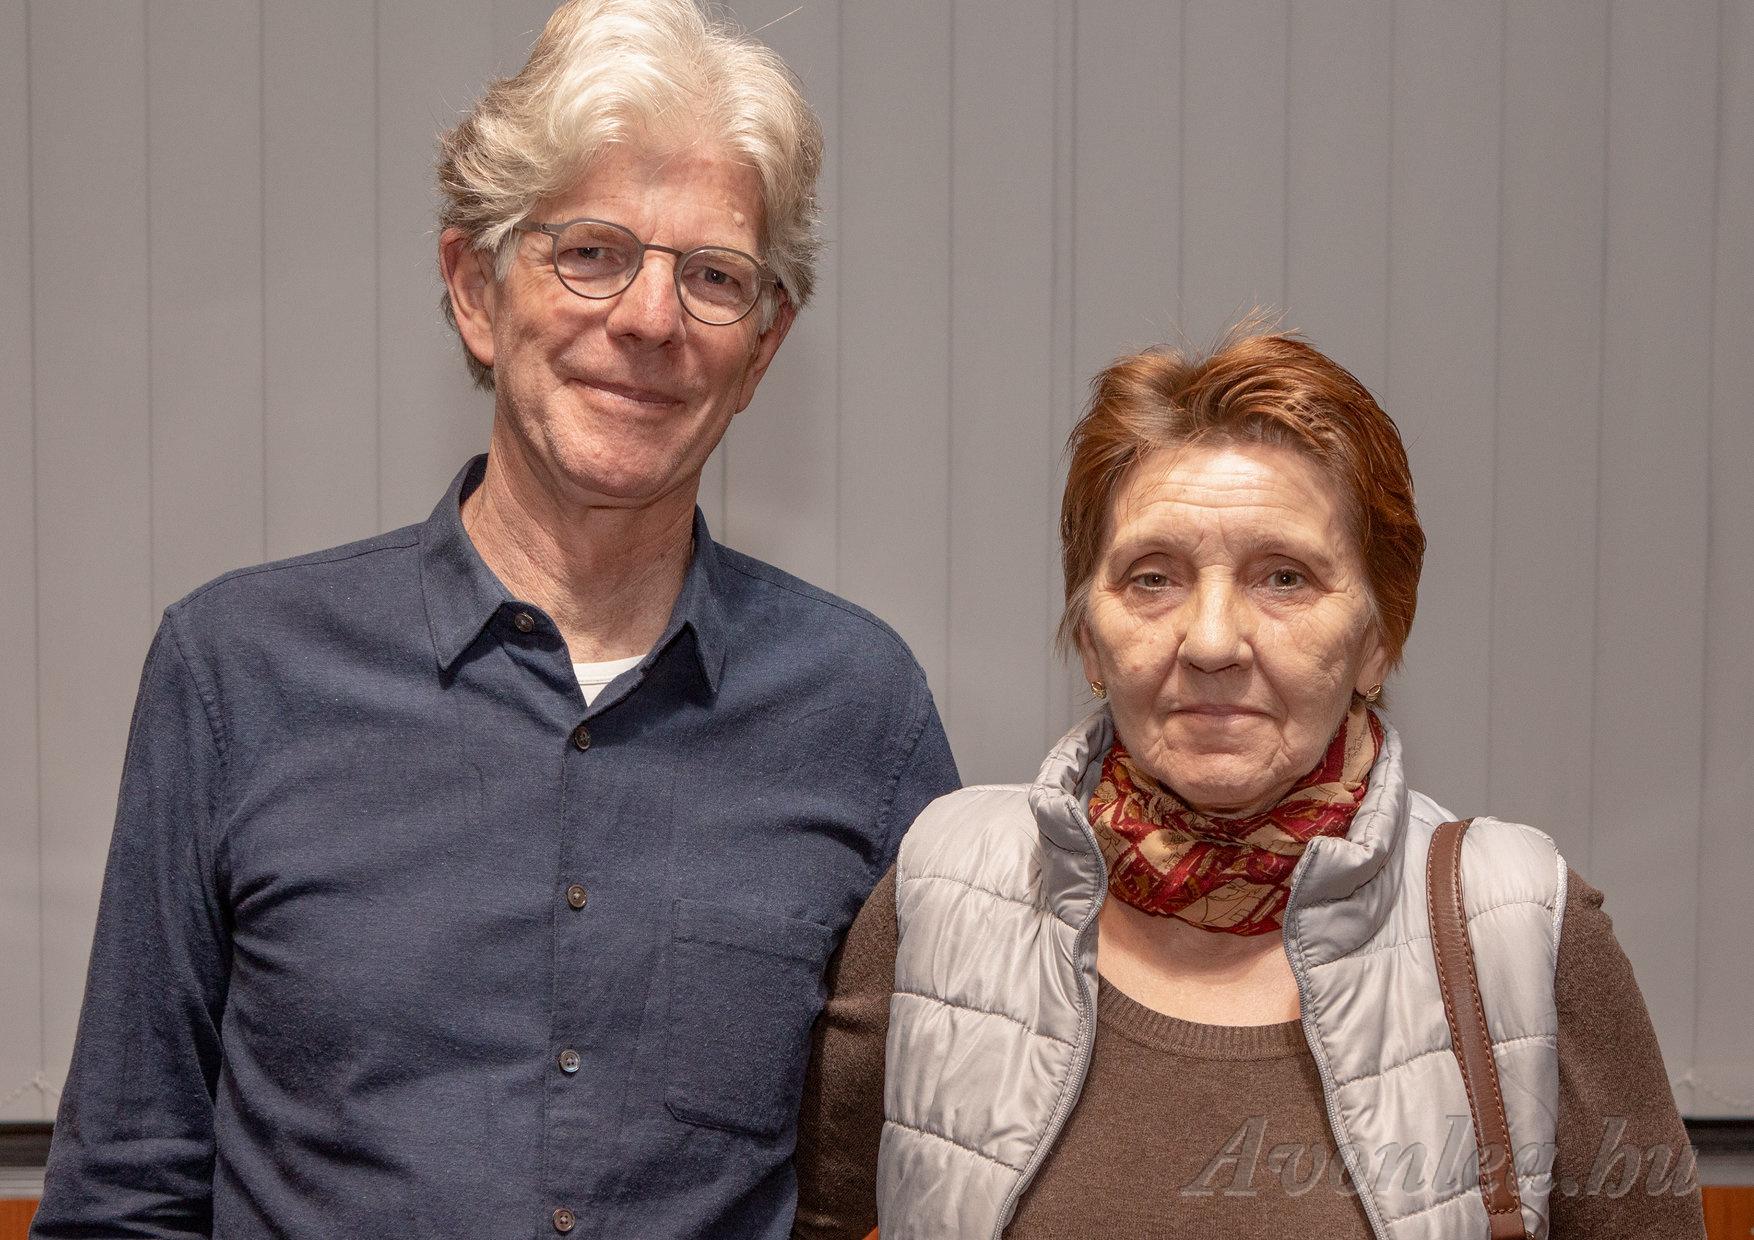 John és Hédi